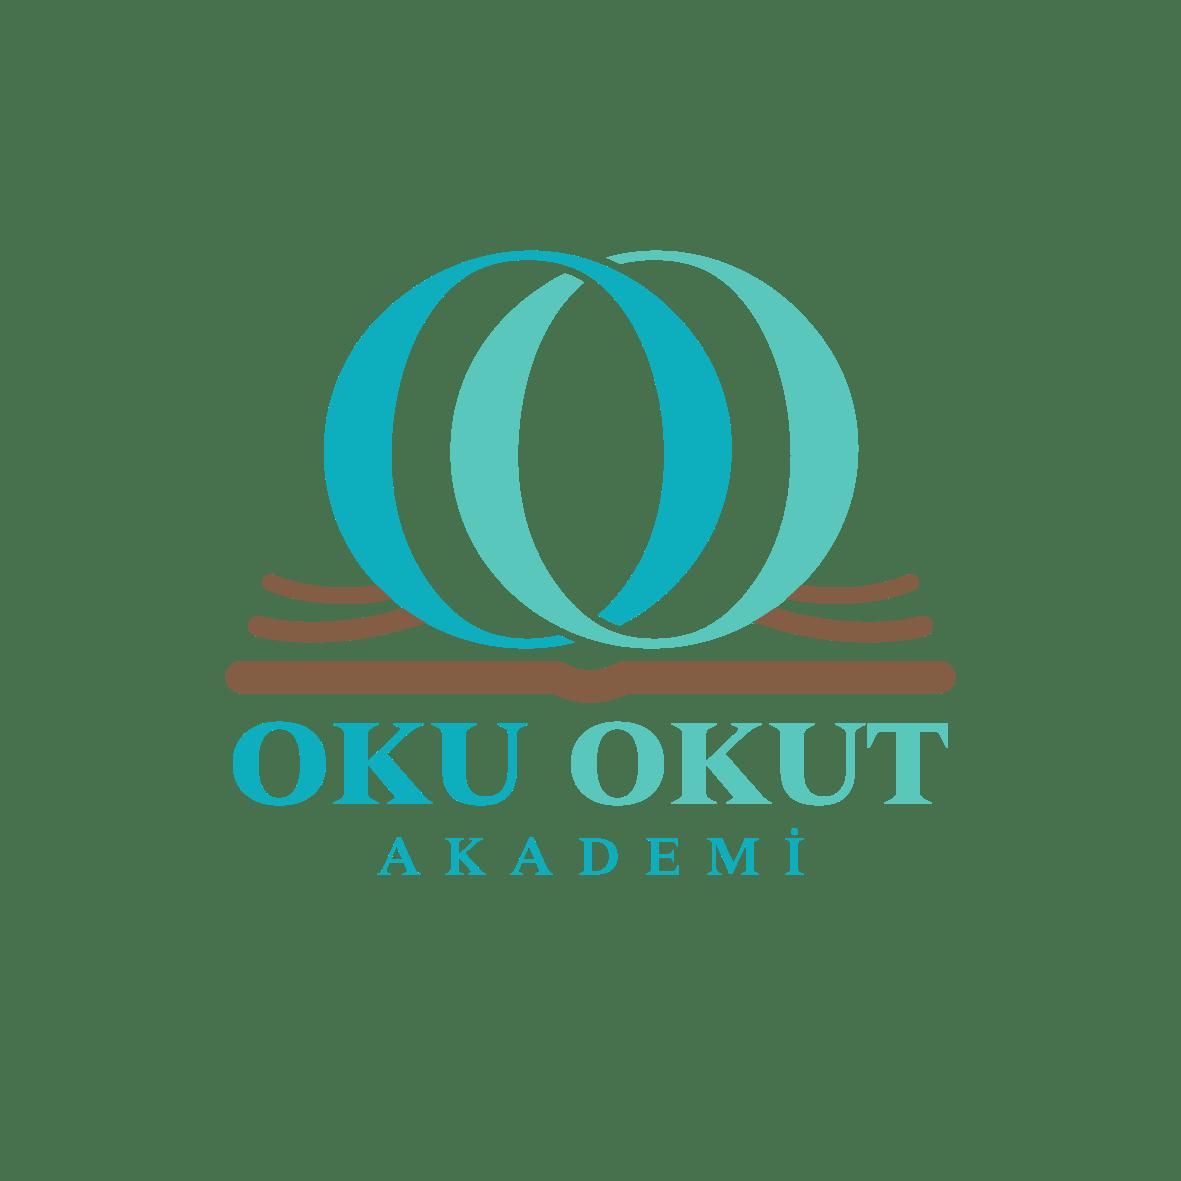 oku-okut-akademi